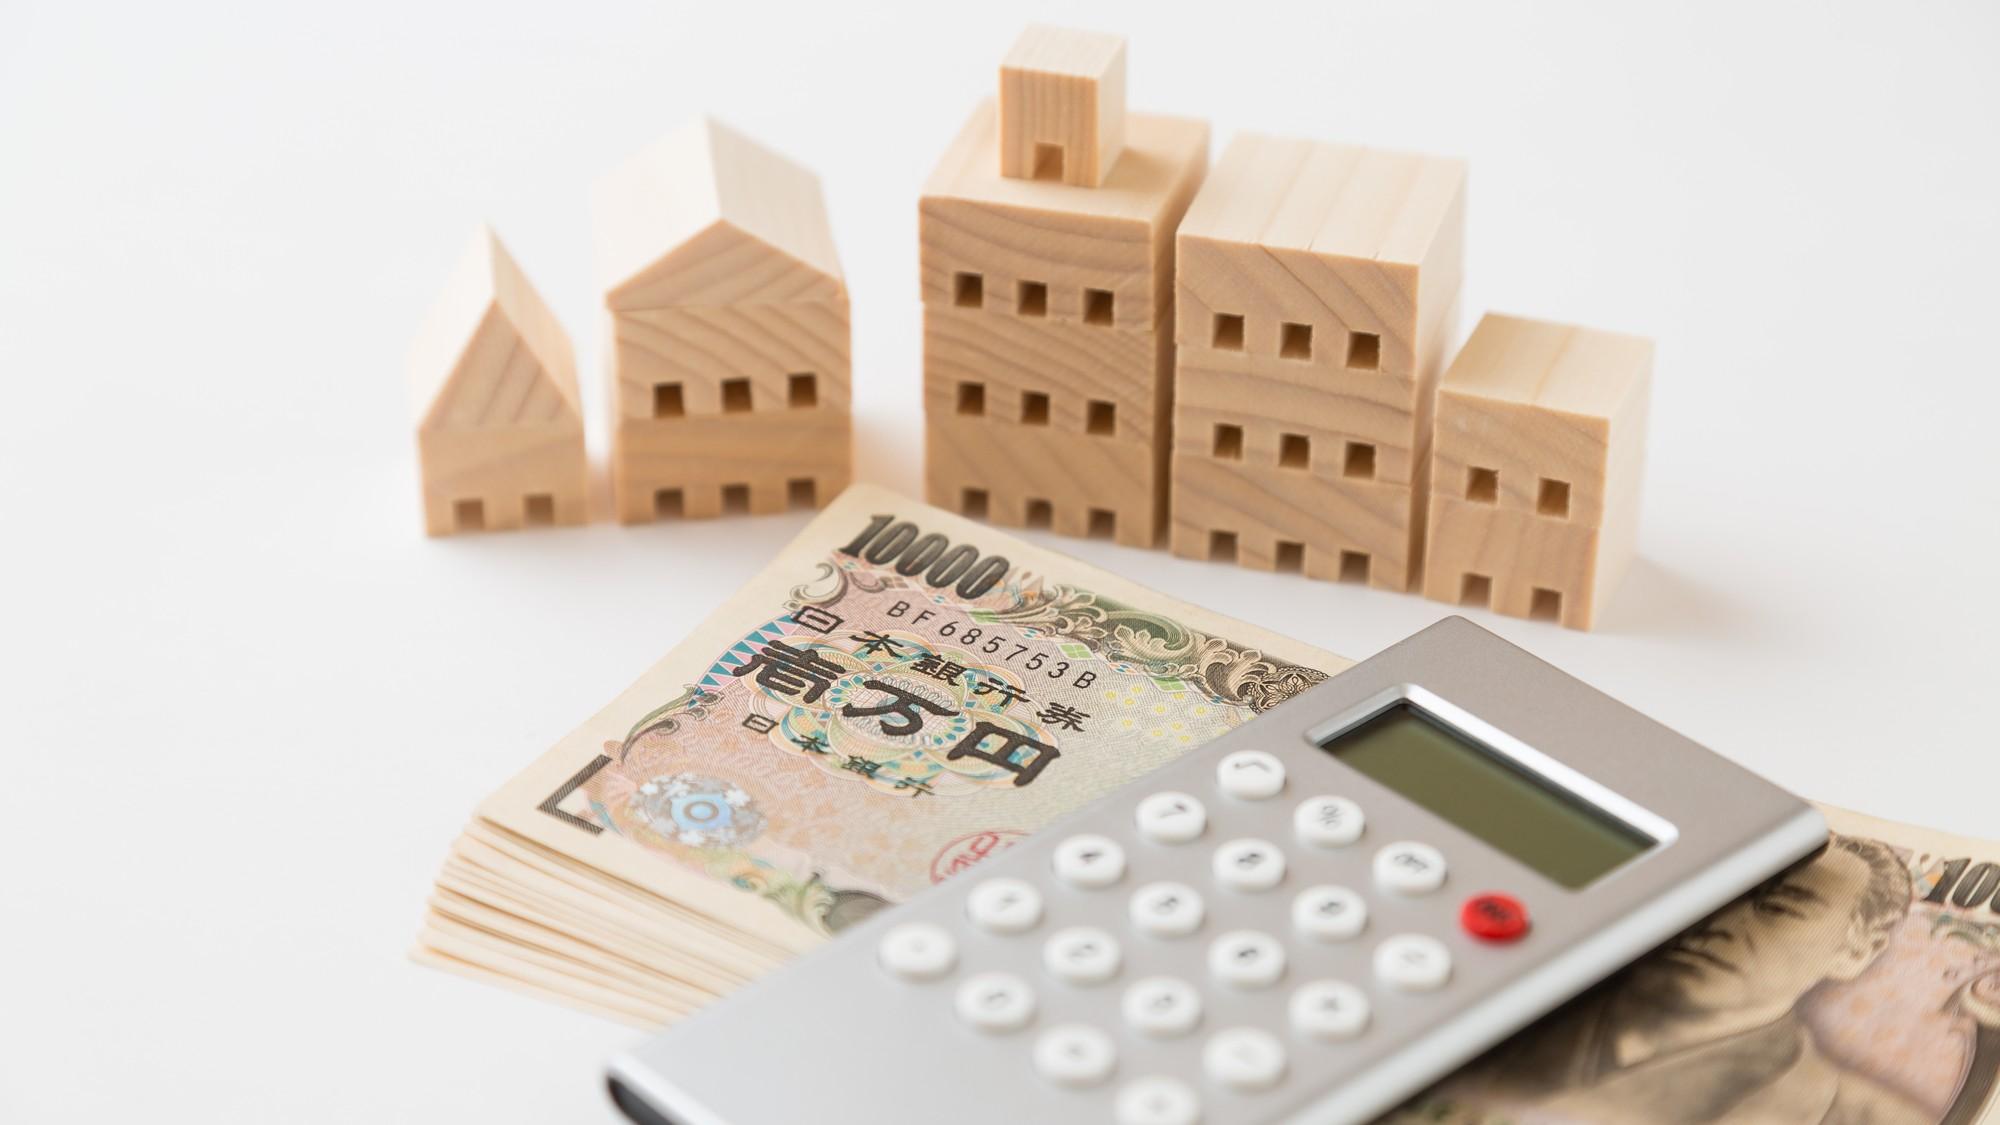 消えゆく連帯保証…賃貸経営に「家賃保証会社」は必須なのか?